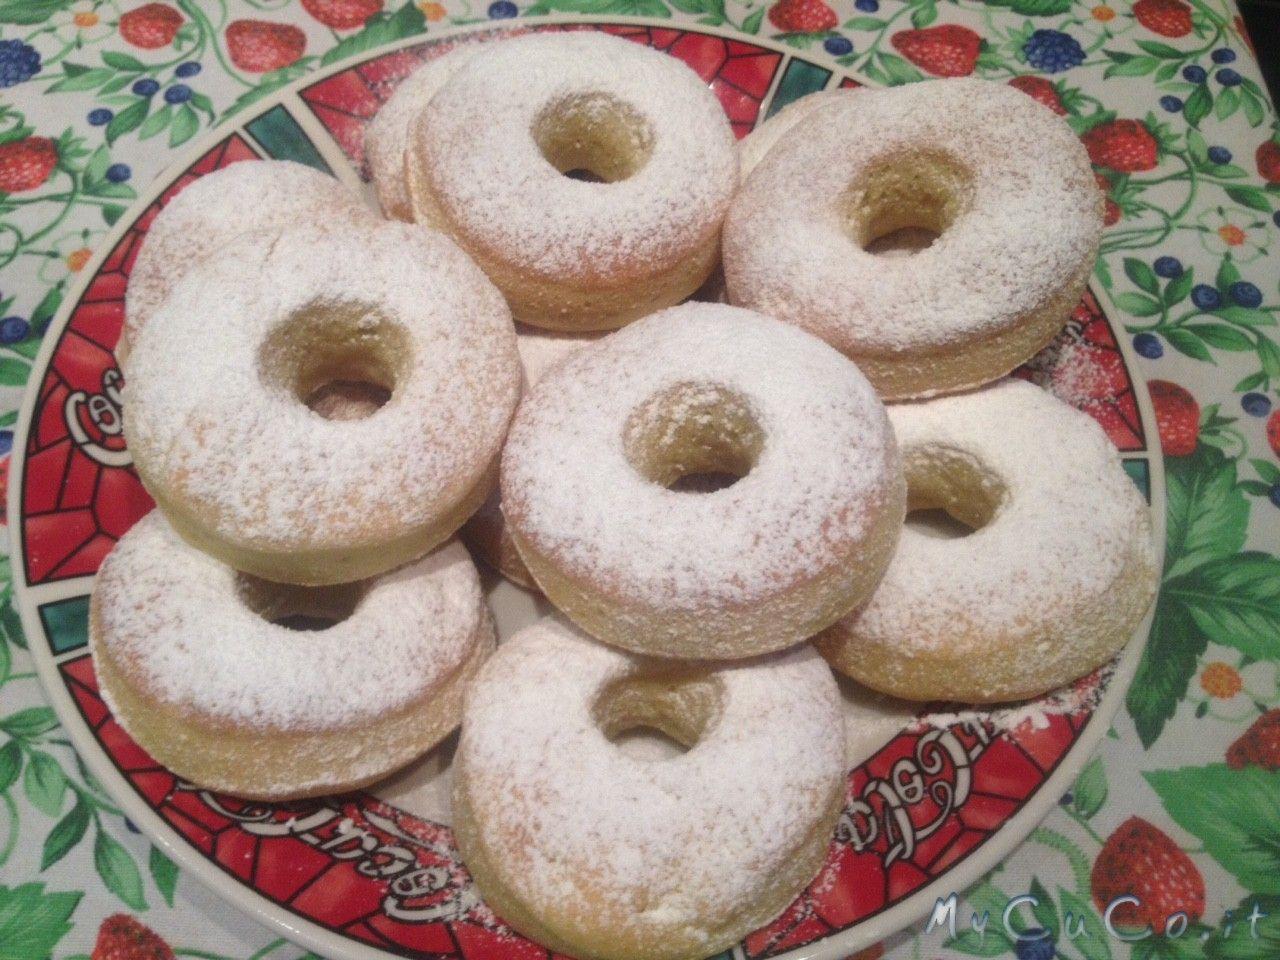 Ciambelline di nonna Stefania al forno con Cuisine Companion - http://www.mycuco.it/cuisine-companion-moulinex/ricette/ciambelline-di-nonna-stefania-al-forno-con-cuisine-companion/?utm_source=PN&utm_medium=Pinterest&utm_campaign=SNAP%2Bfrom%2BMy+CuCo